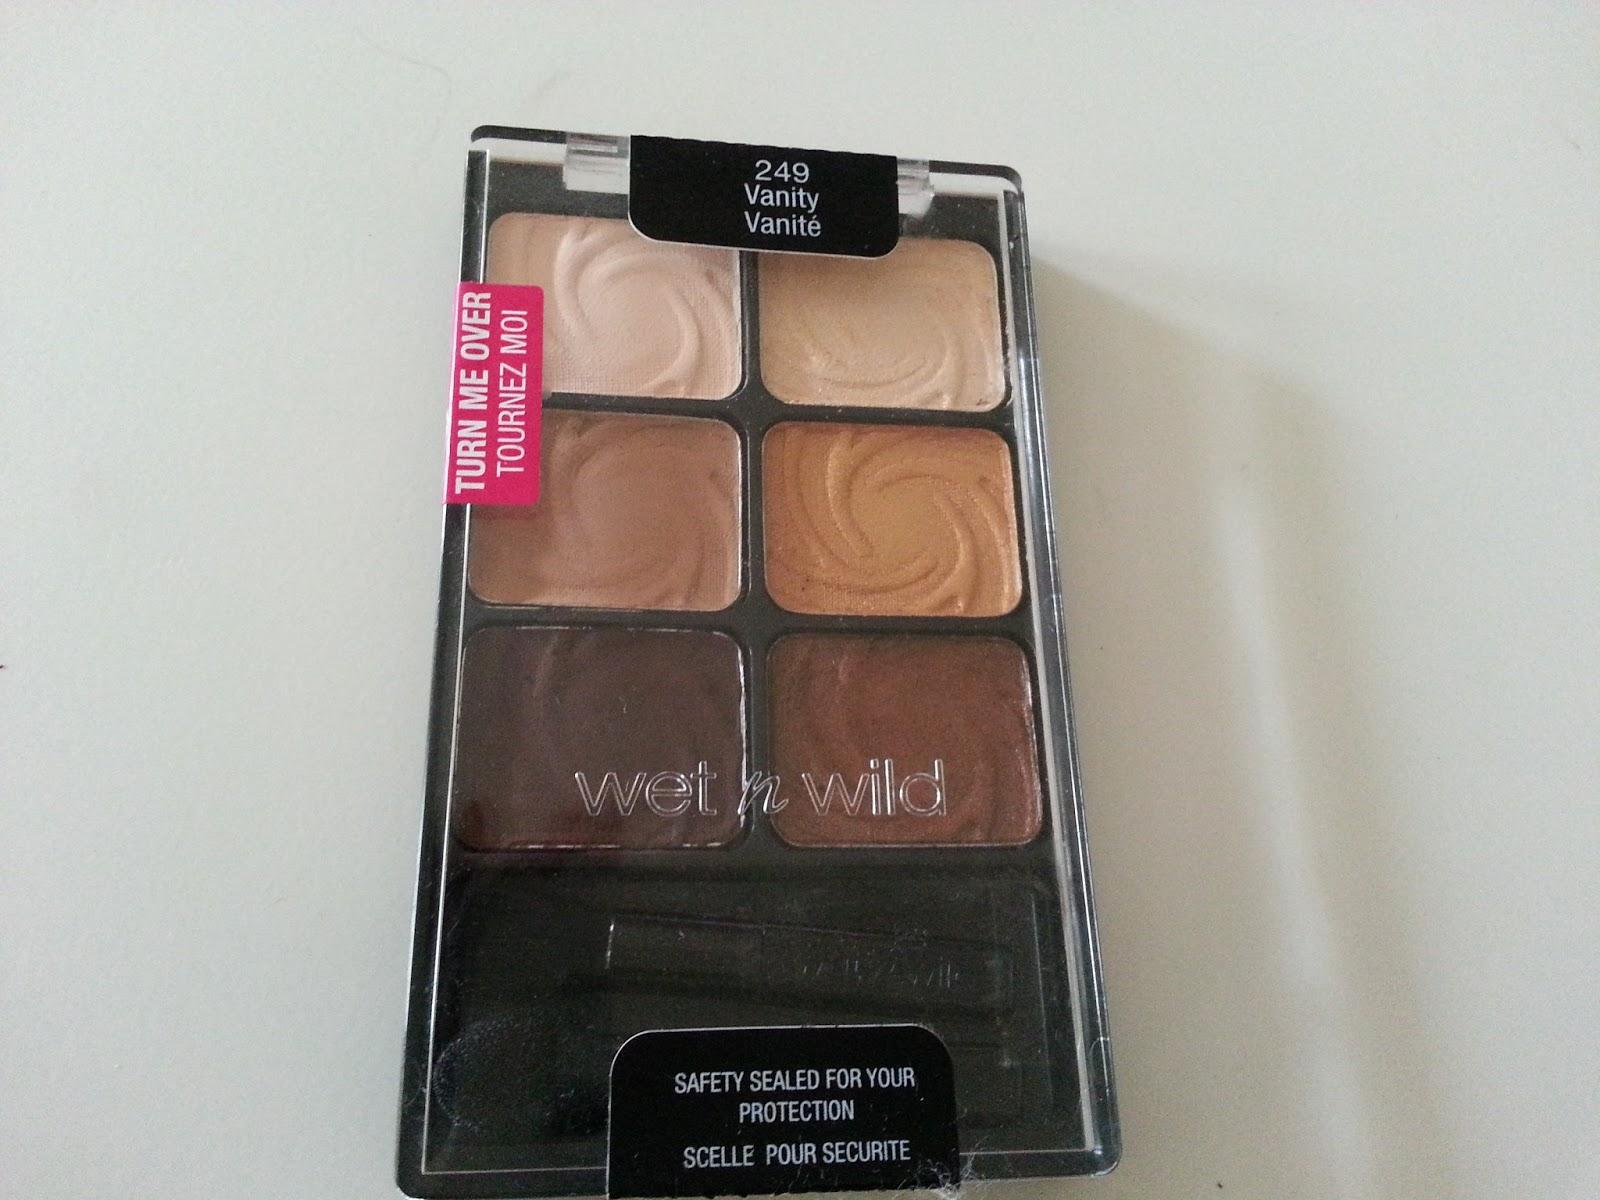 Wet n wild palette in vanity. dupes for mac 2017